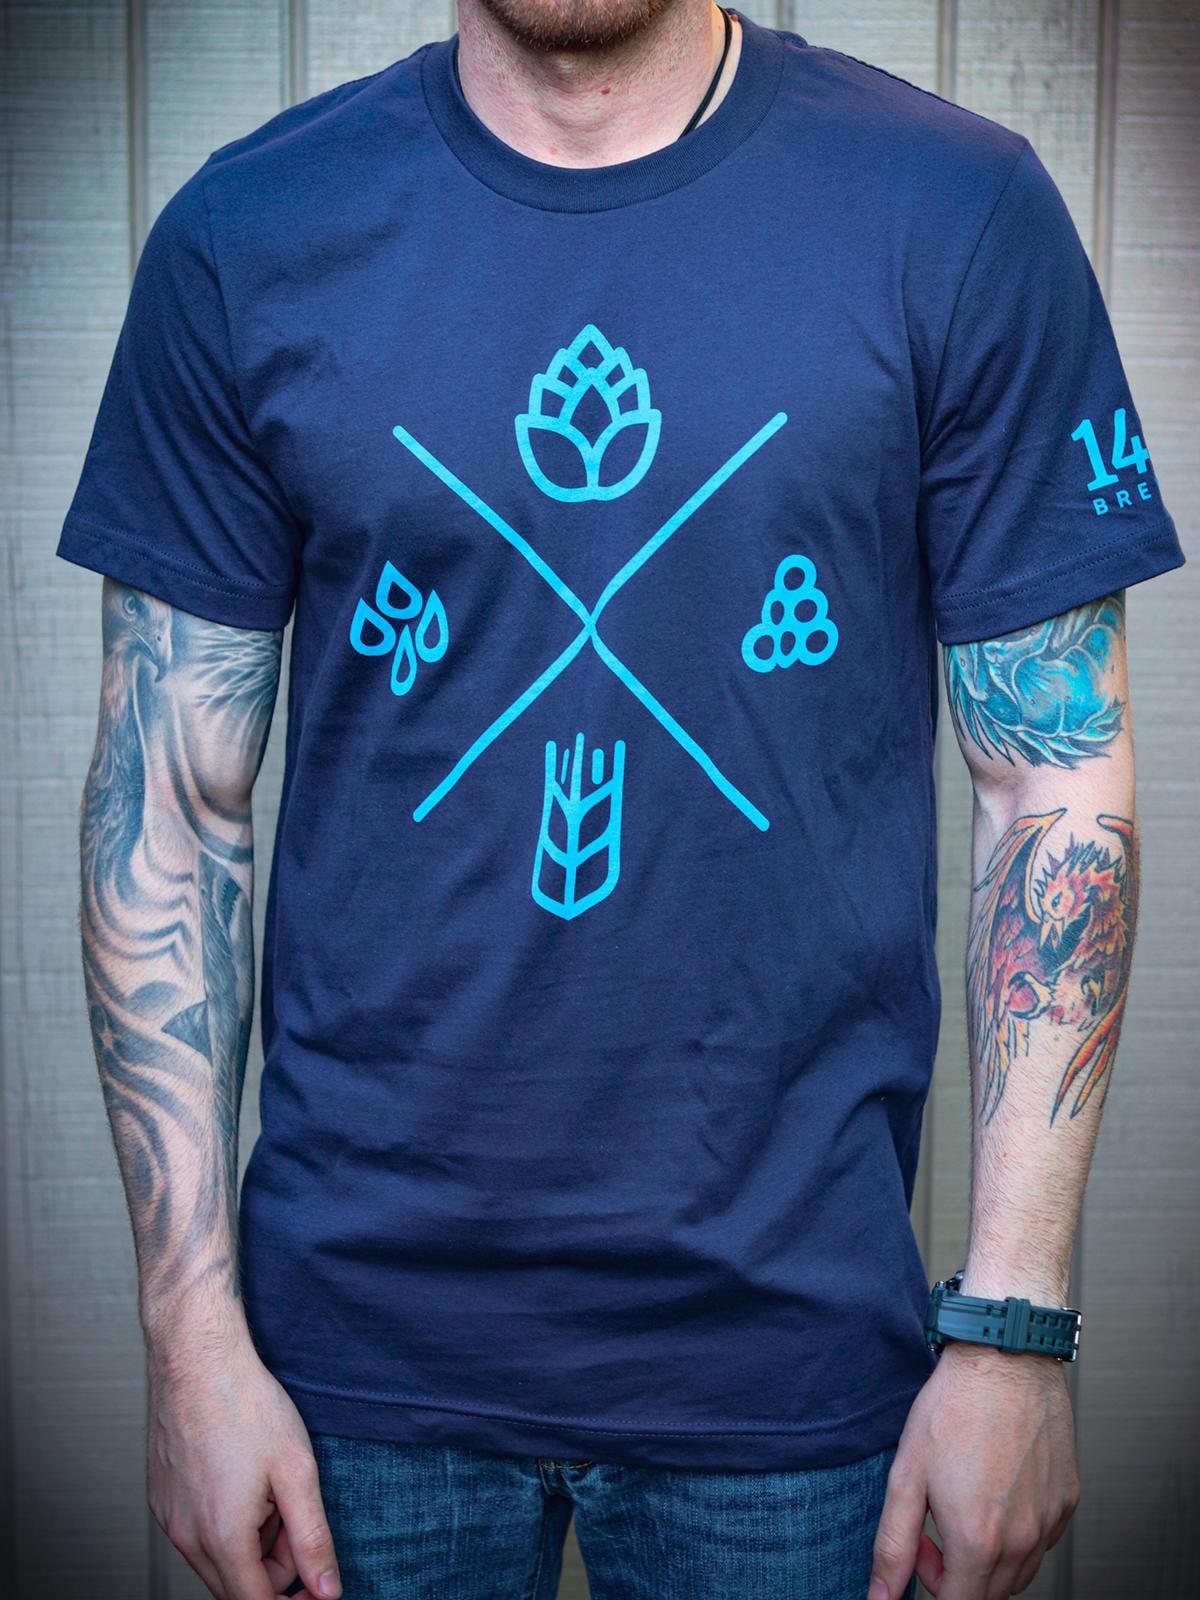 1487 Brewery Navy Blue Tee Shirt